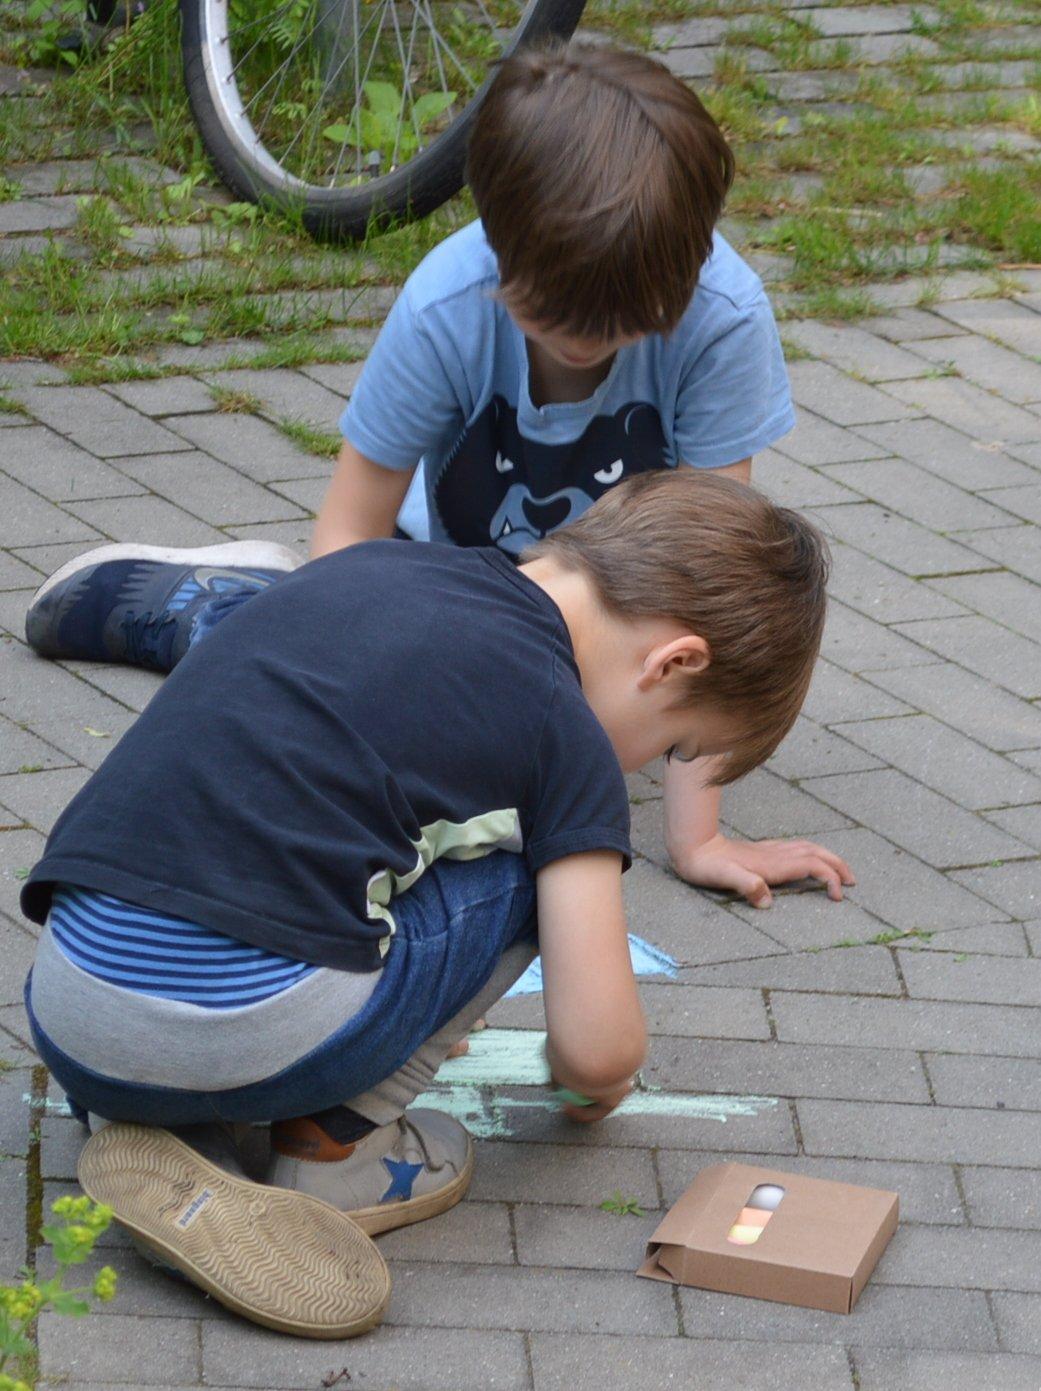 Zwei Kinder malen mit Kreide auf den Steinen vor dem Haus.